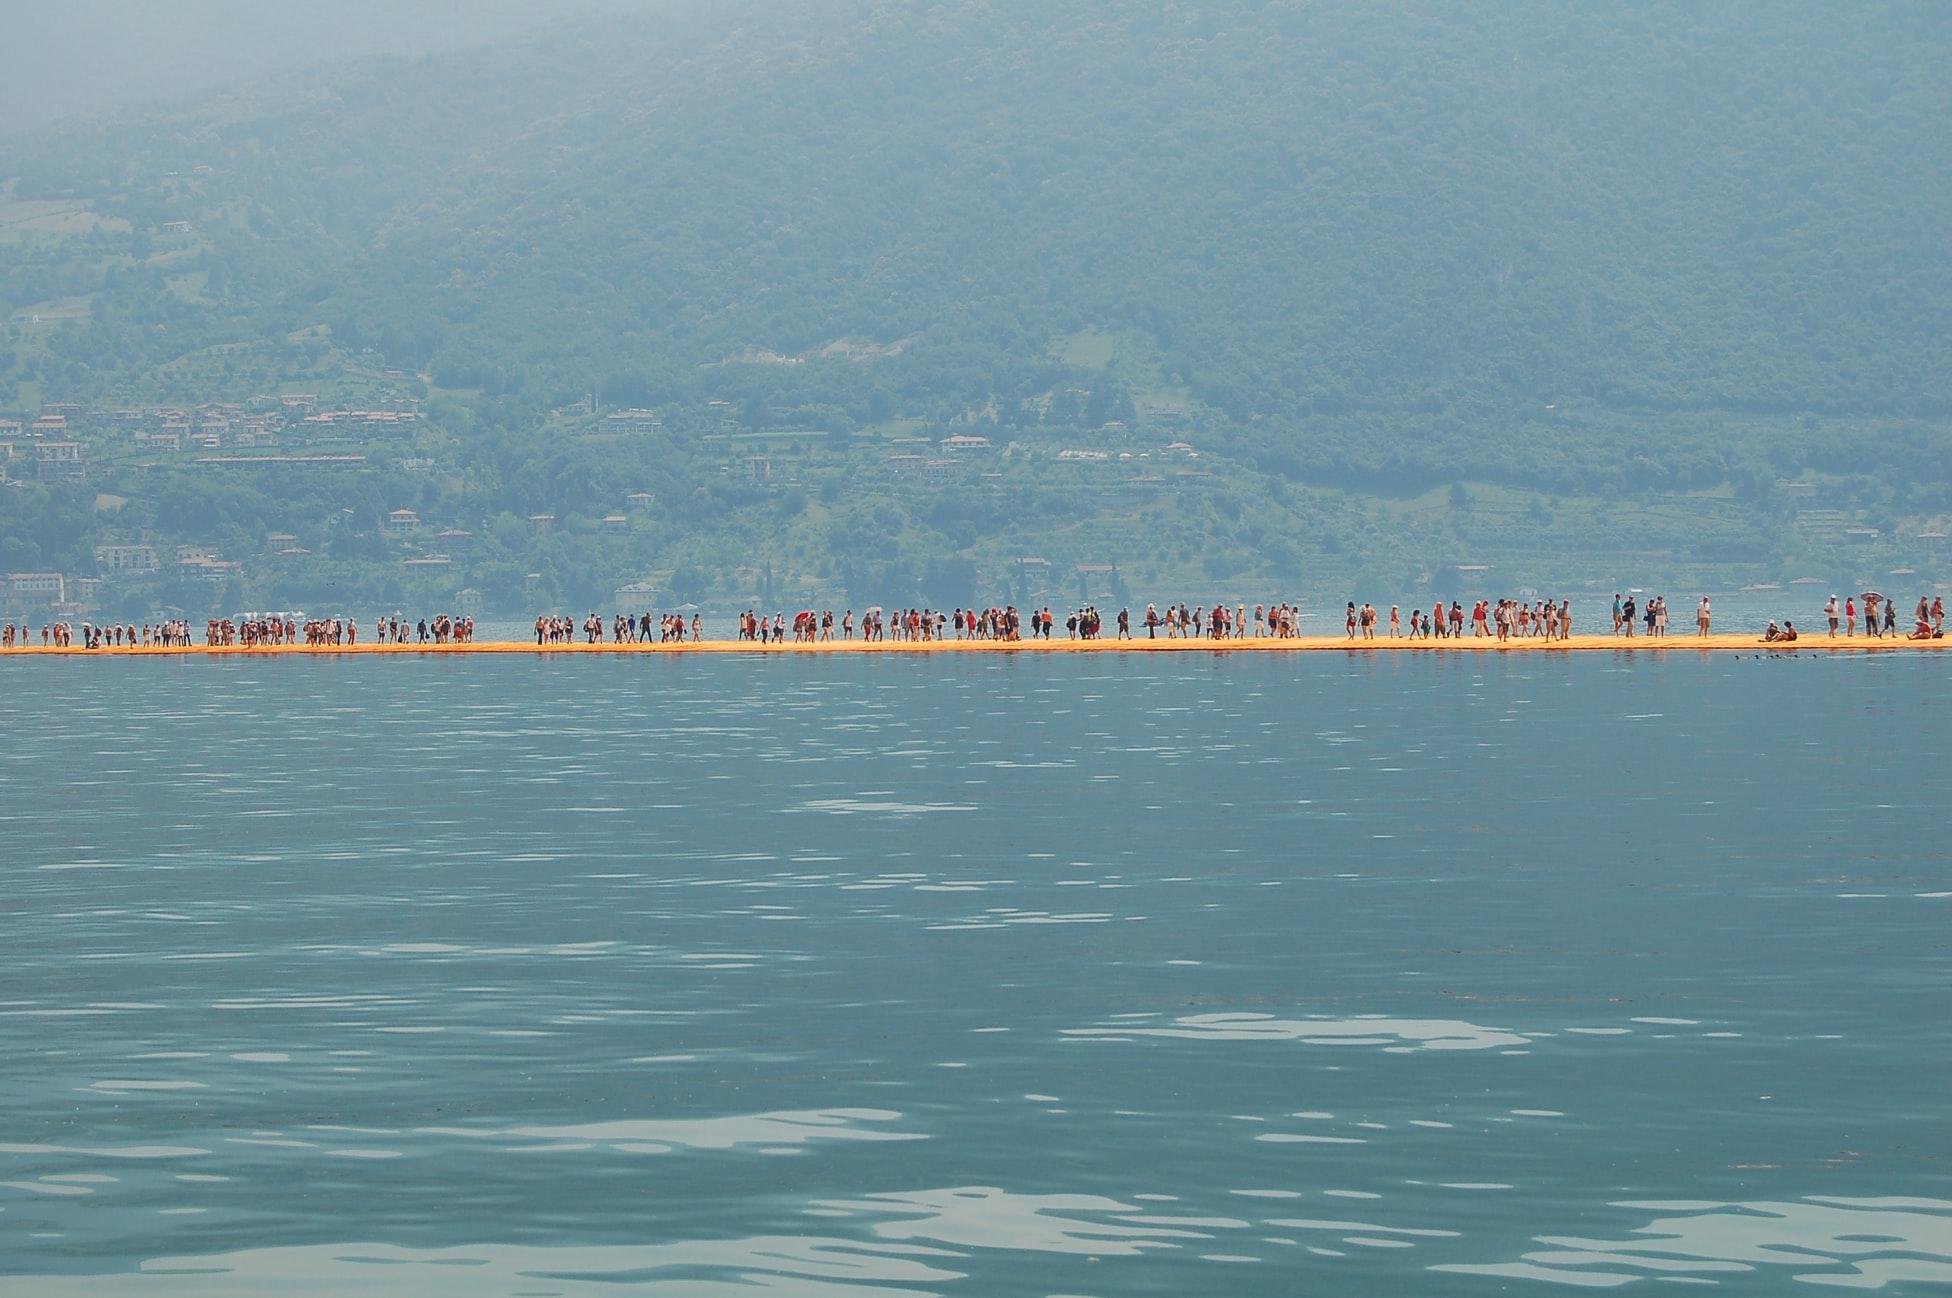 Ponte sul lago dell'artista Christo